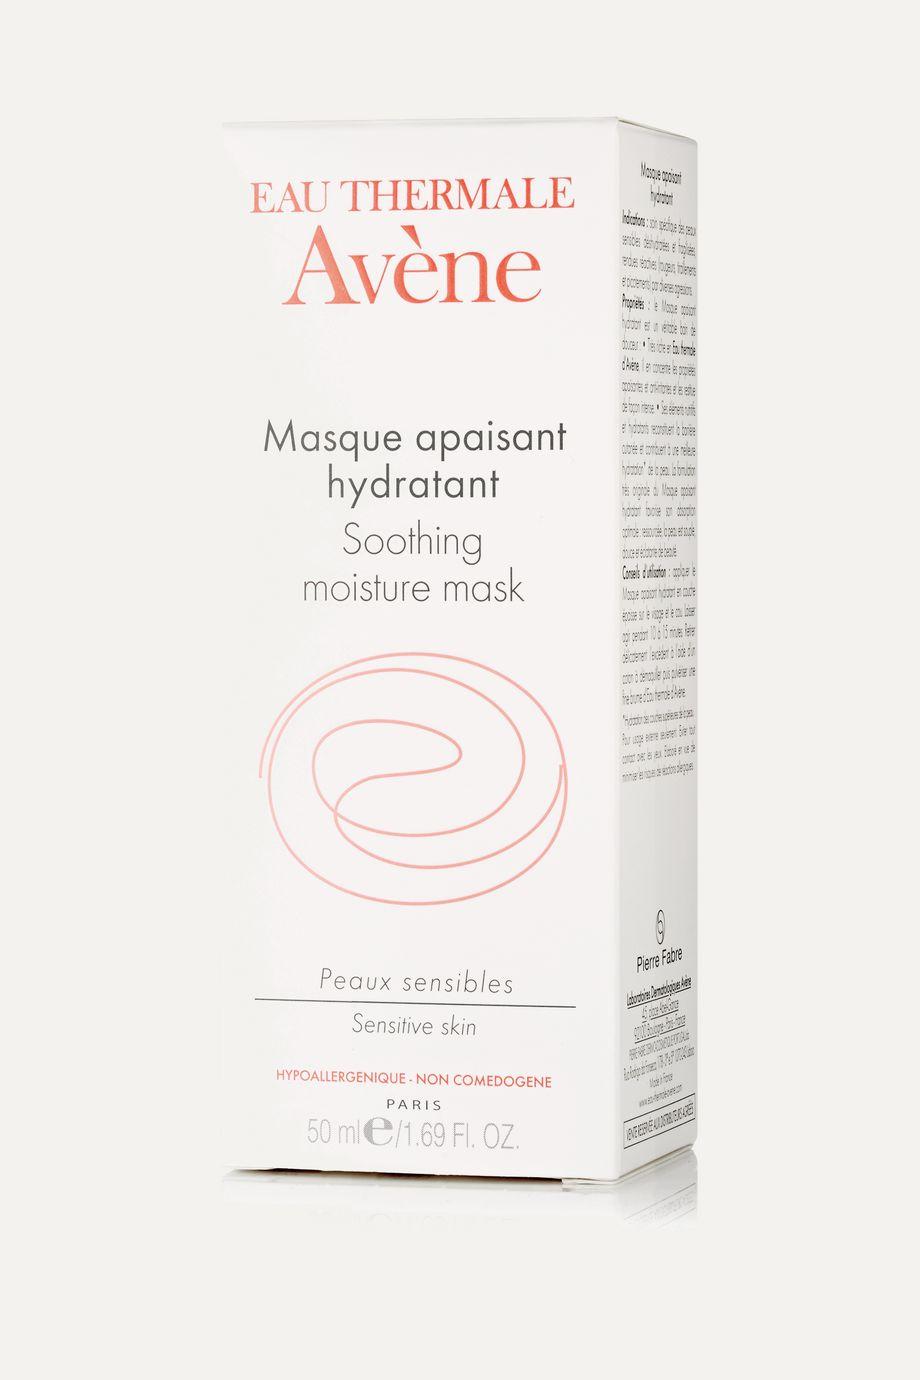 Avene Soothing Moisture Mask, 50ml